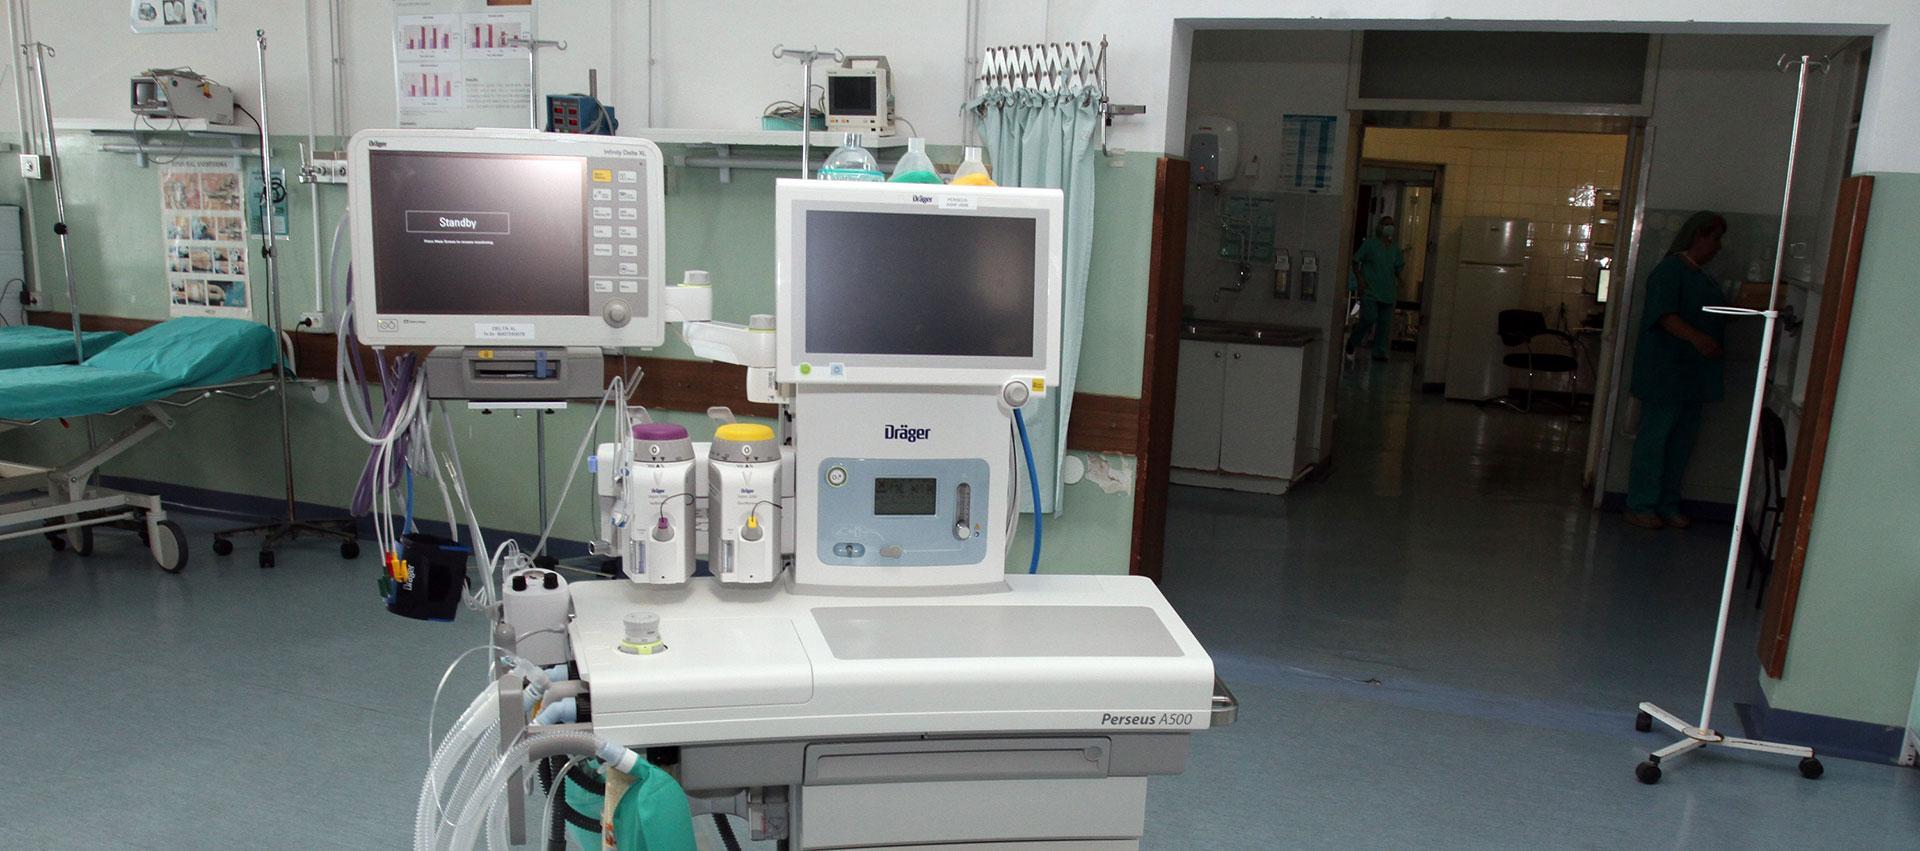 POKLON MINISTARSTVA Novi uređaji za anesteziologiju i kirurgiju u KBC-u Rijeka